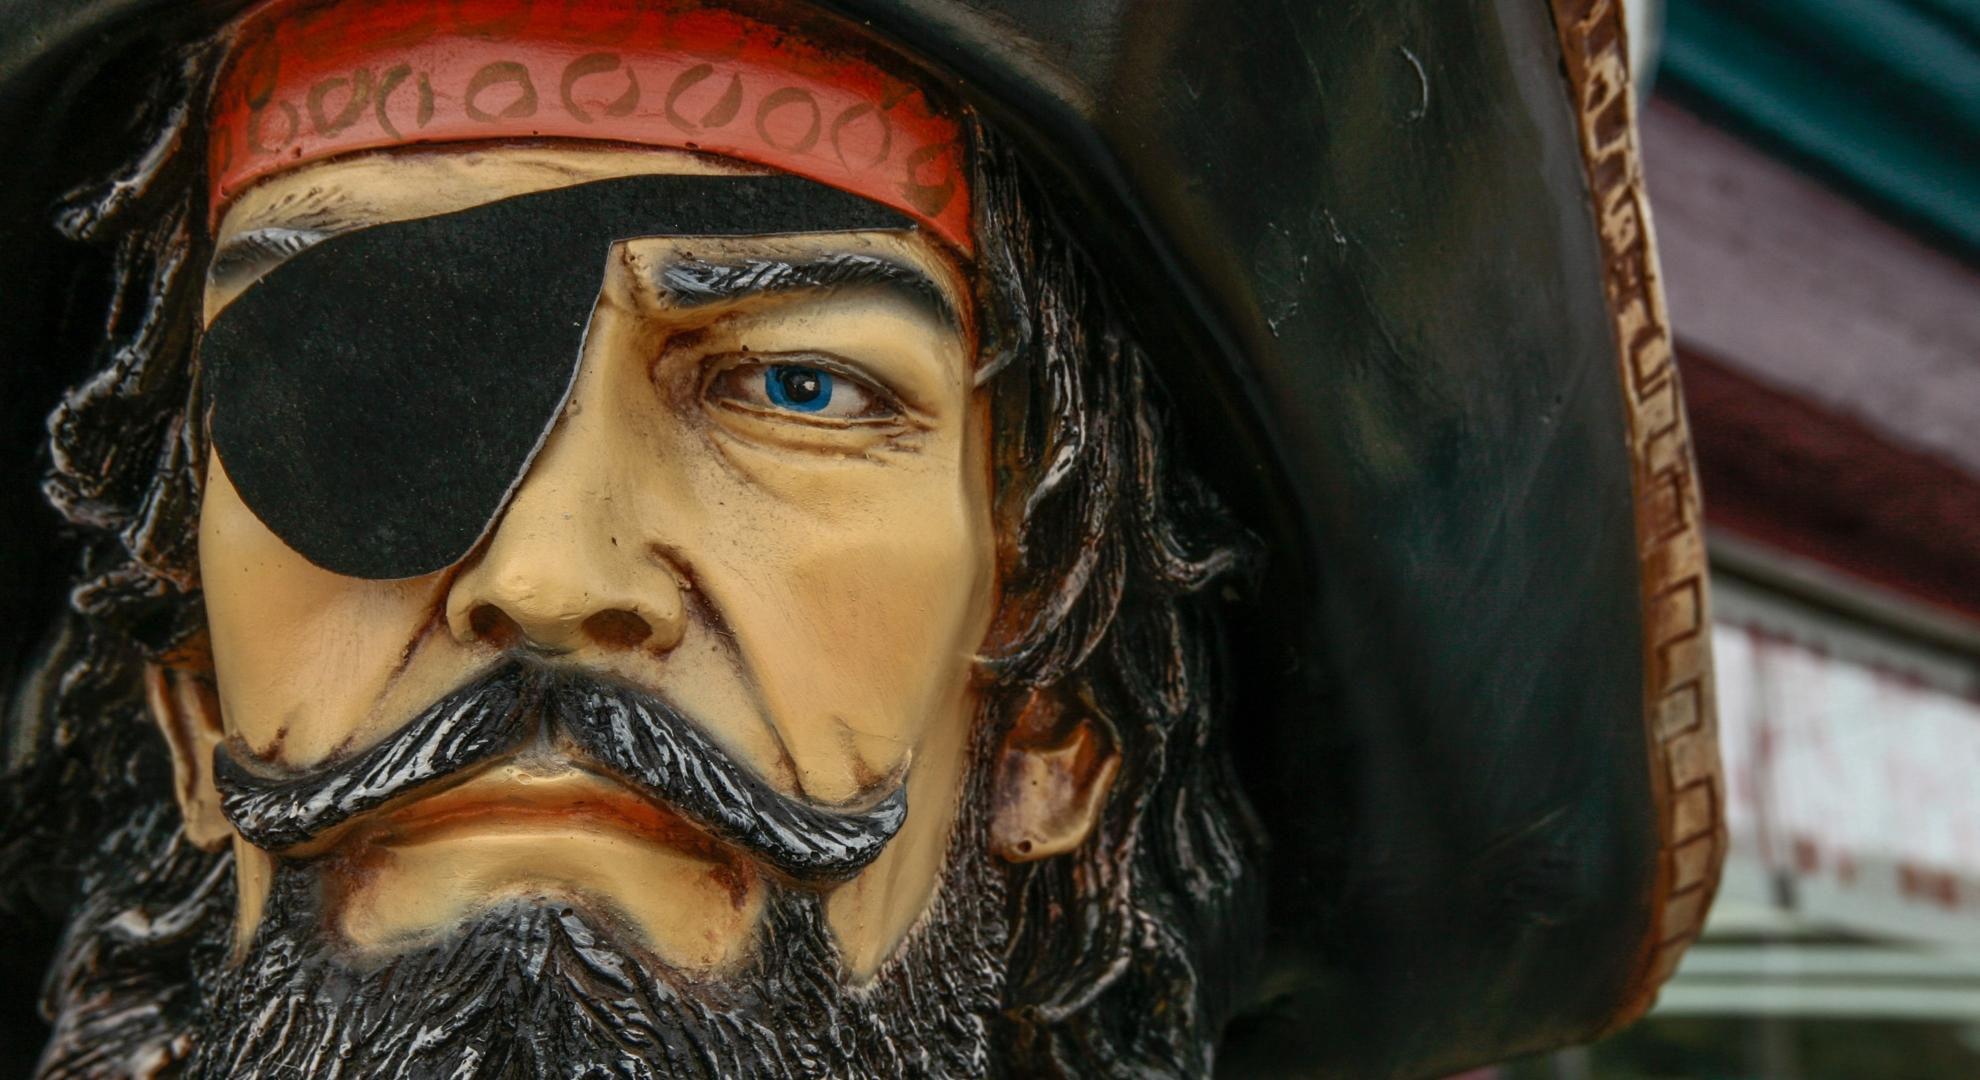 Pirat, Statue, unsplash.com, Scott Umstattd